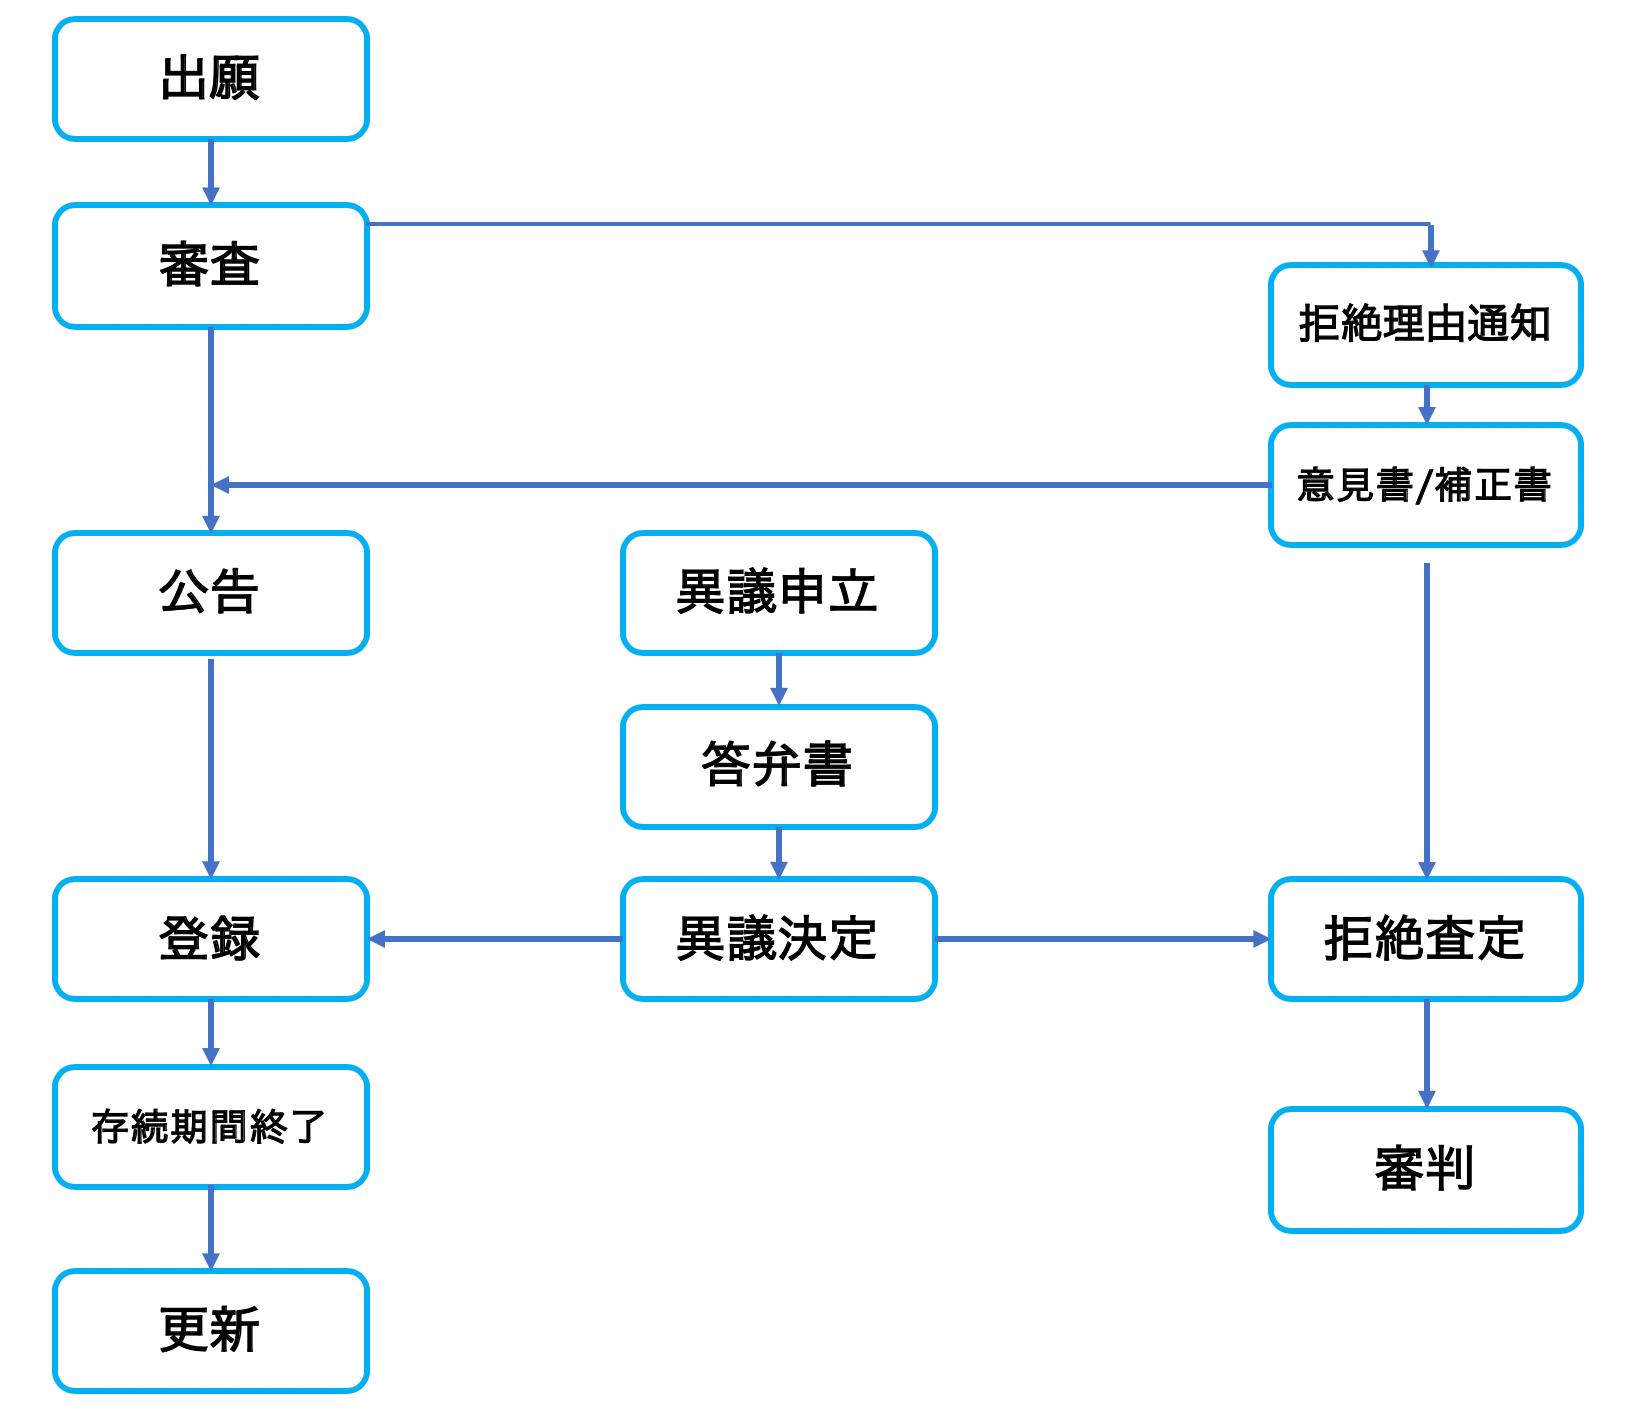 中国商標登録